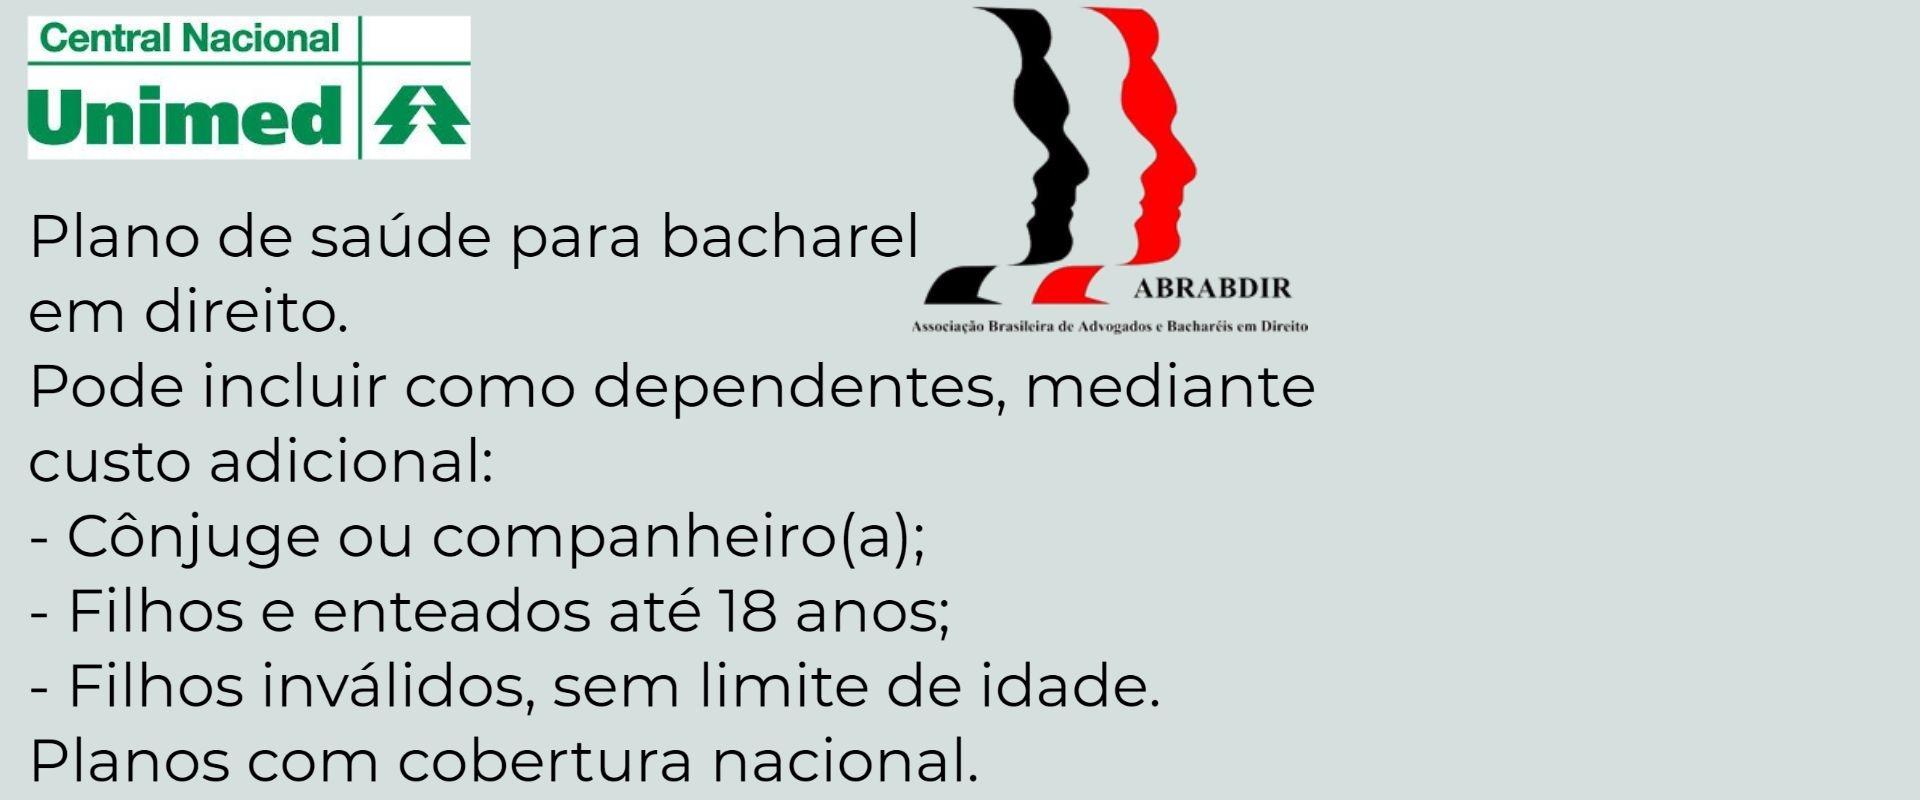 Unimed ABRABDIR São Sebastião